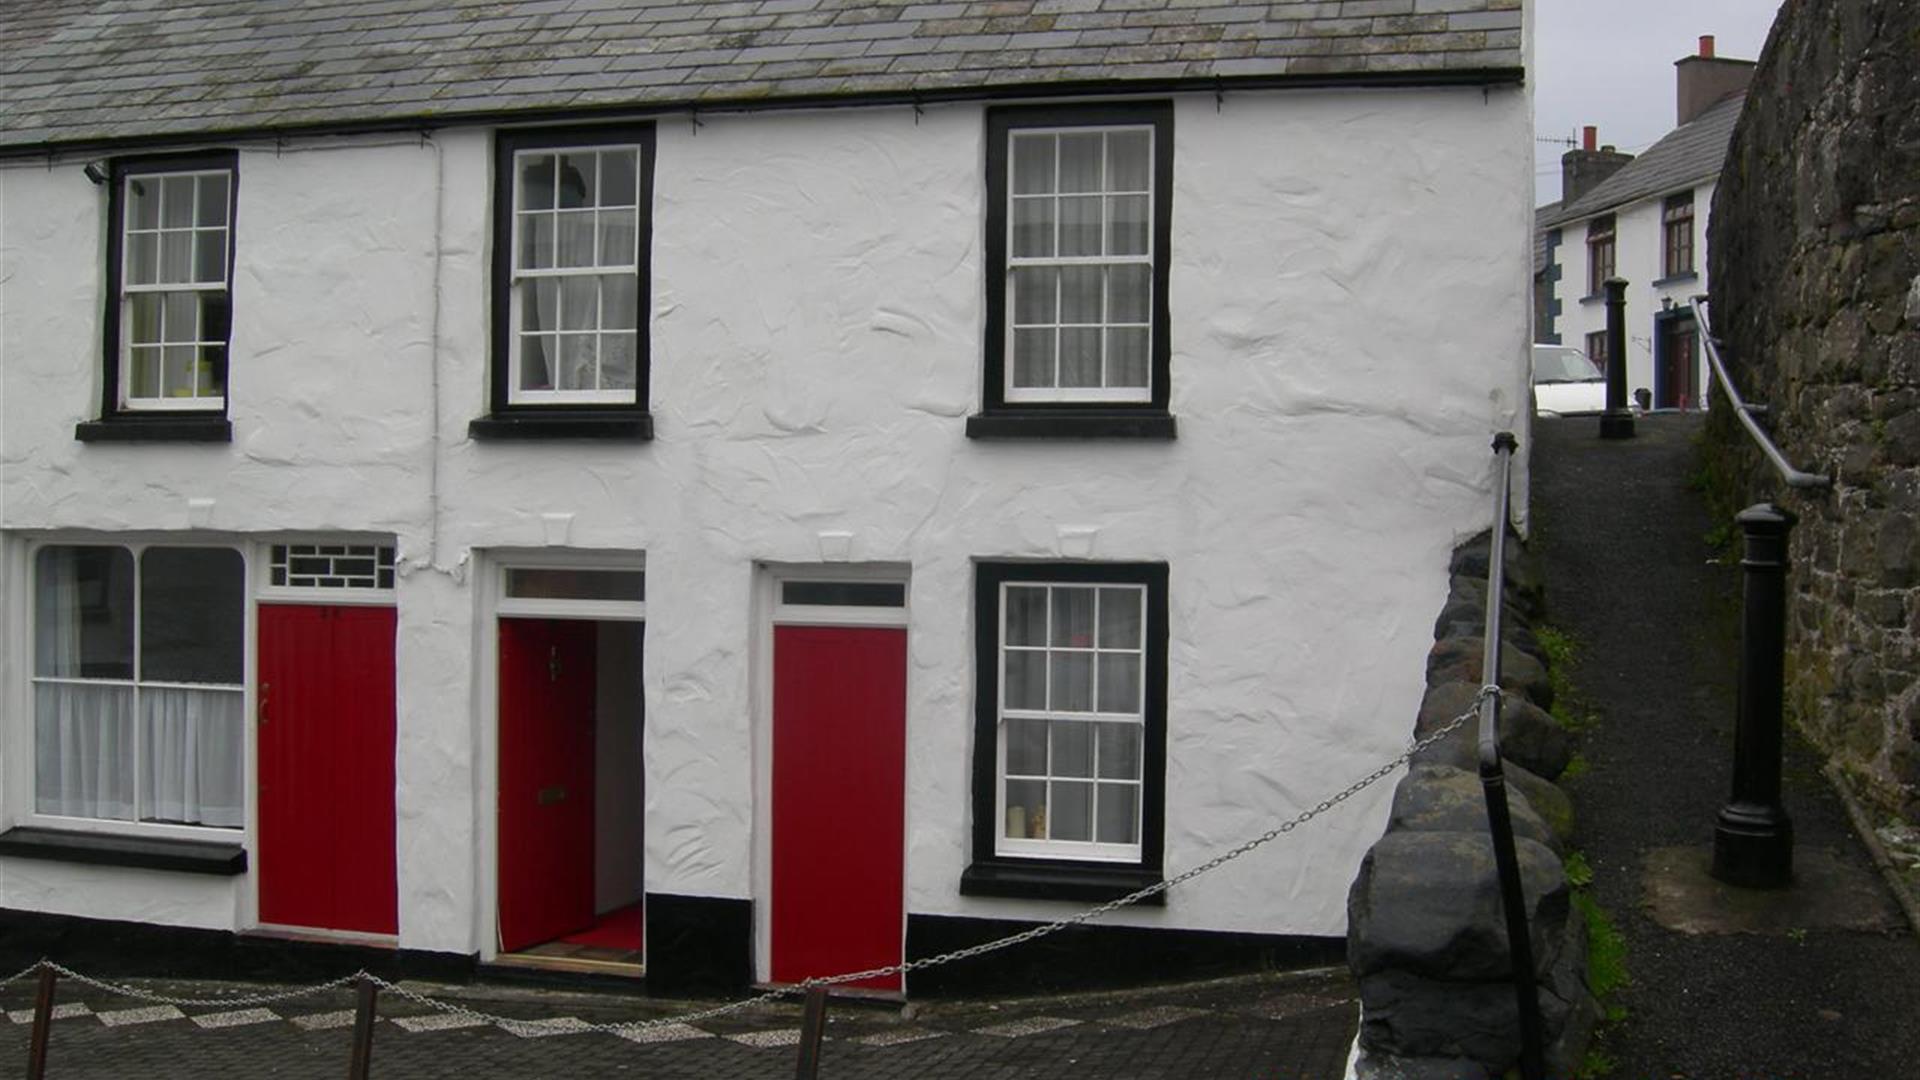 The Quarrymen's Cottages A